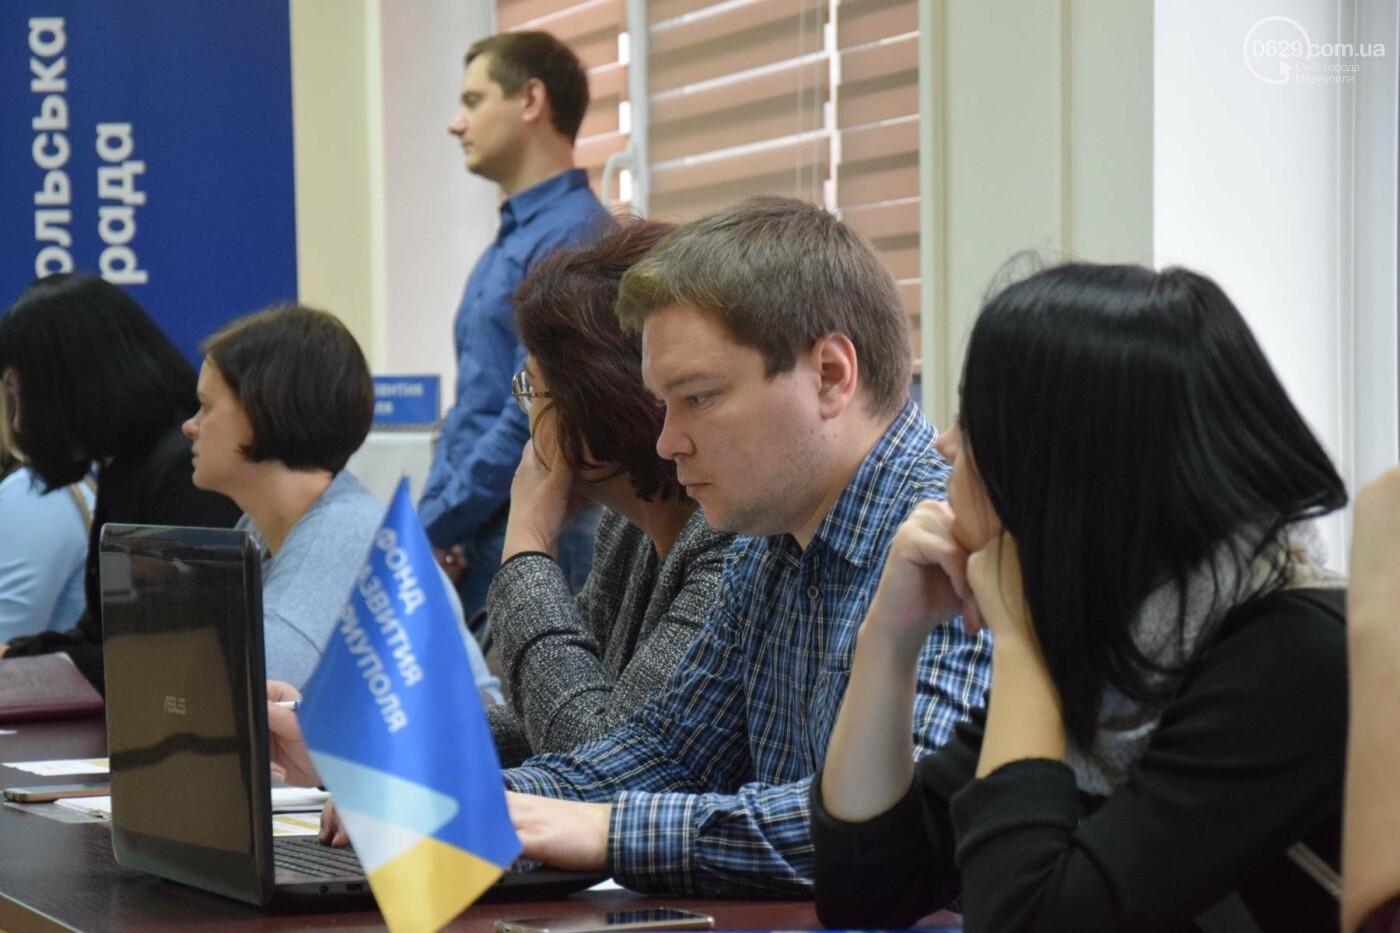 Презентация убежища в Мариуполе завершилась предложением о  воссоздании вытрезвителей (ФОТО, ВИДЕО), фото-13